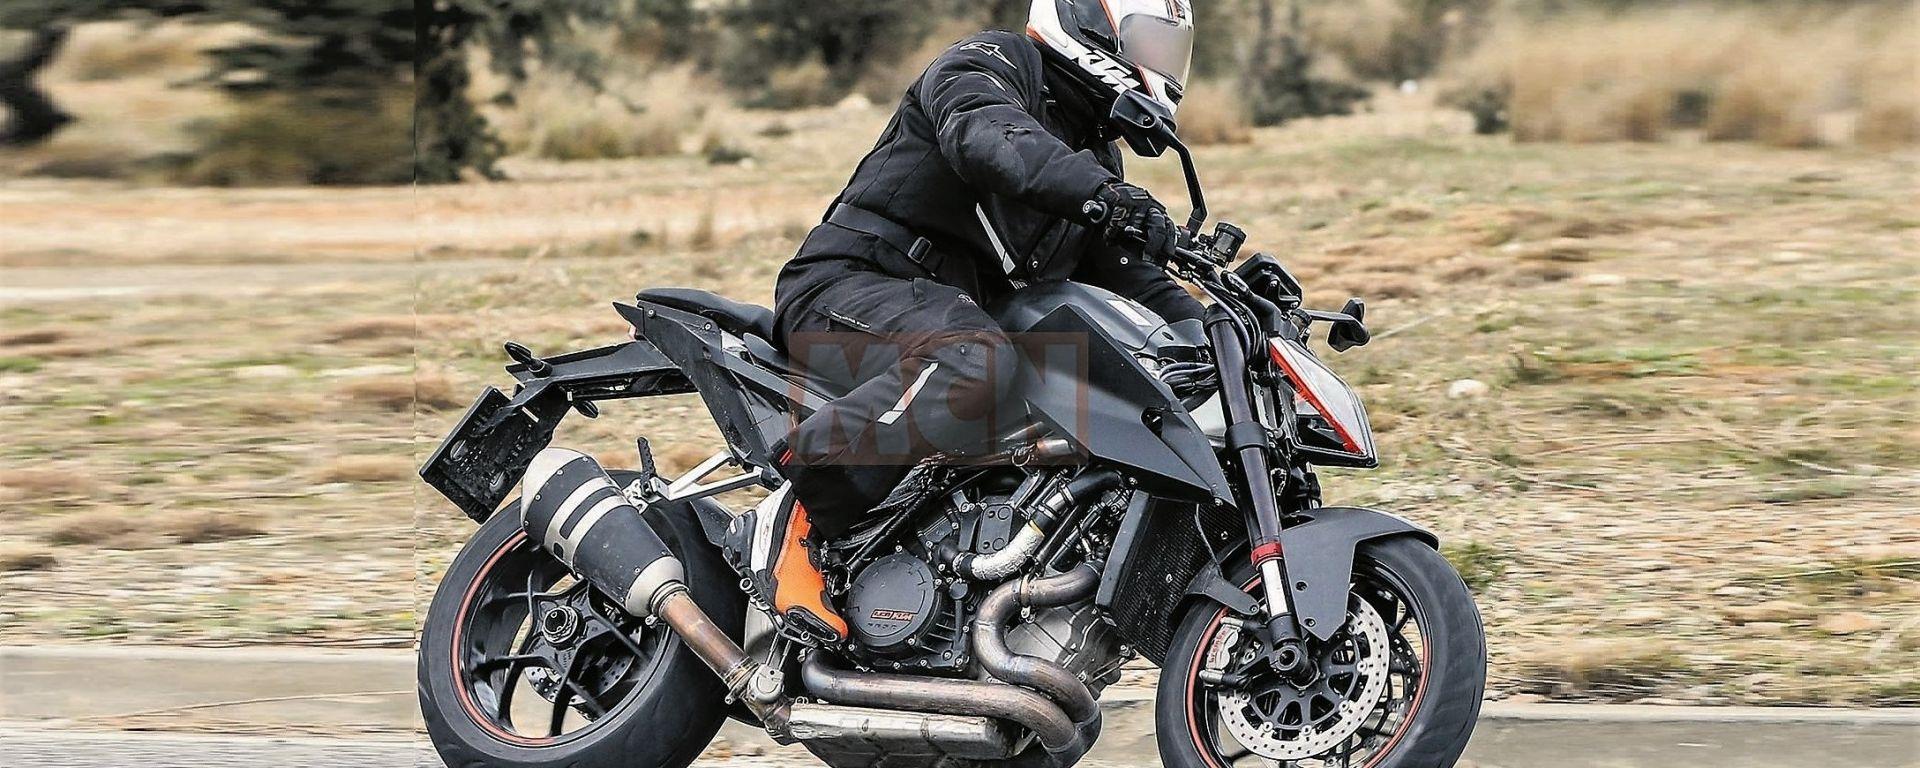 Nuova KTM Super Duke R 1290 2020